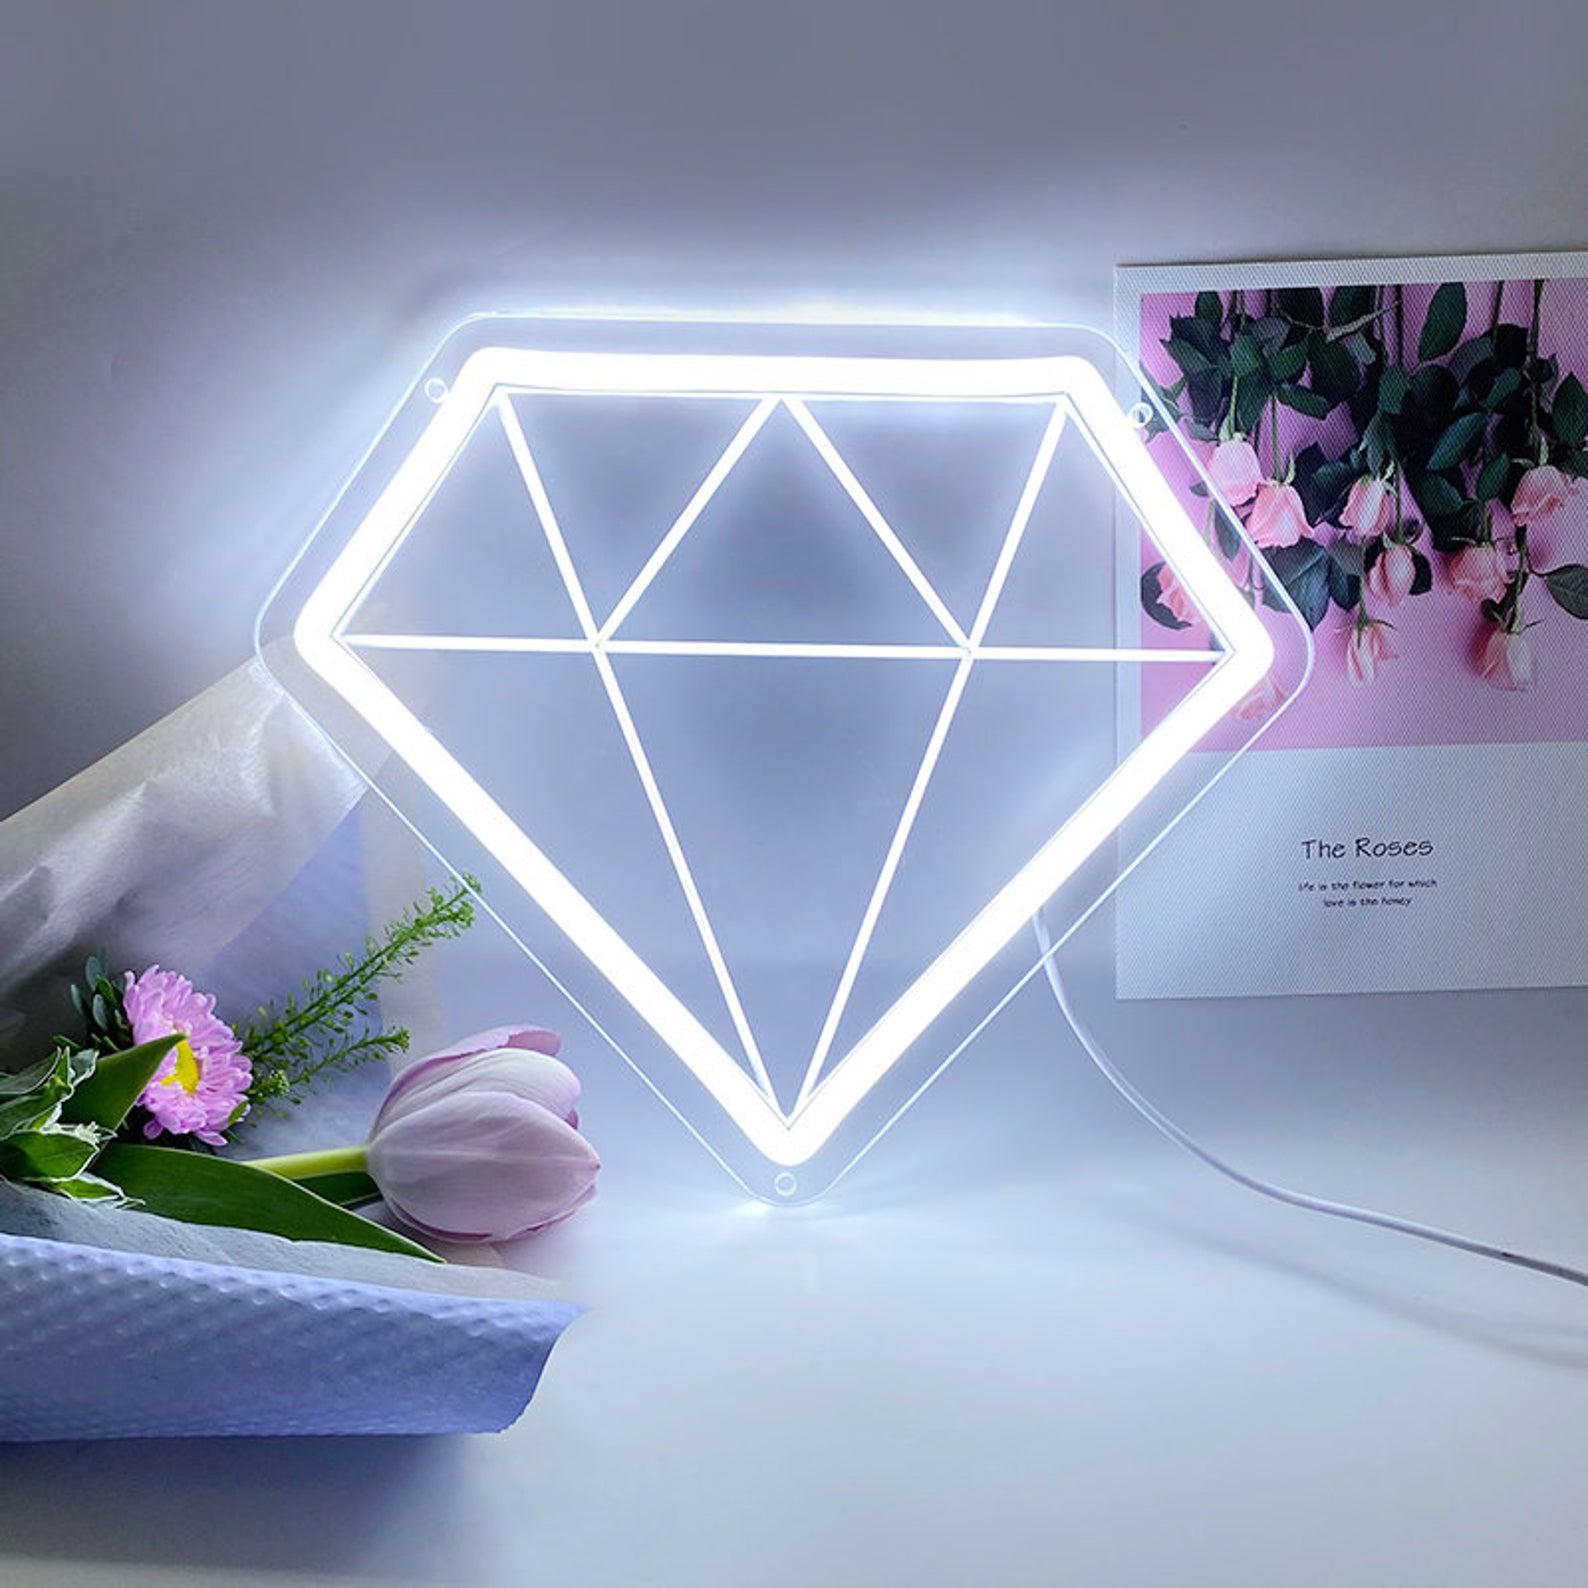 علامة النيون الماس ، علامة ضوء النيون ، غرفة نوم علامة النيون ، إضاءة نيون ، جدار الفن النيون